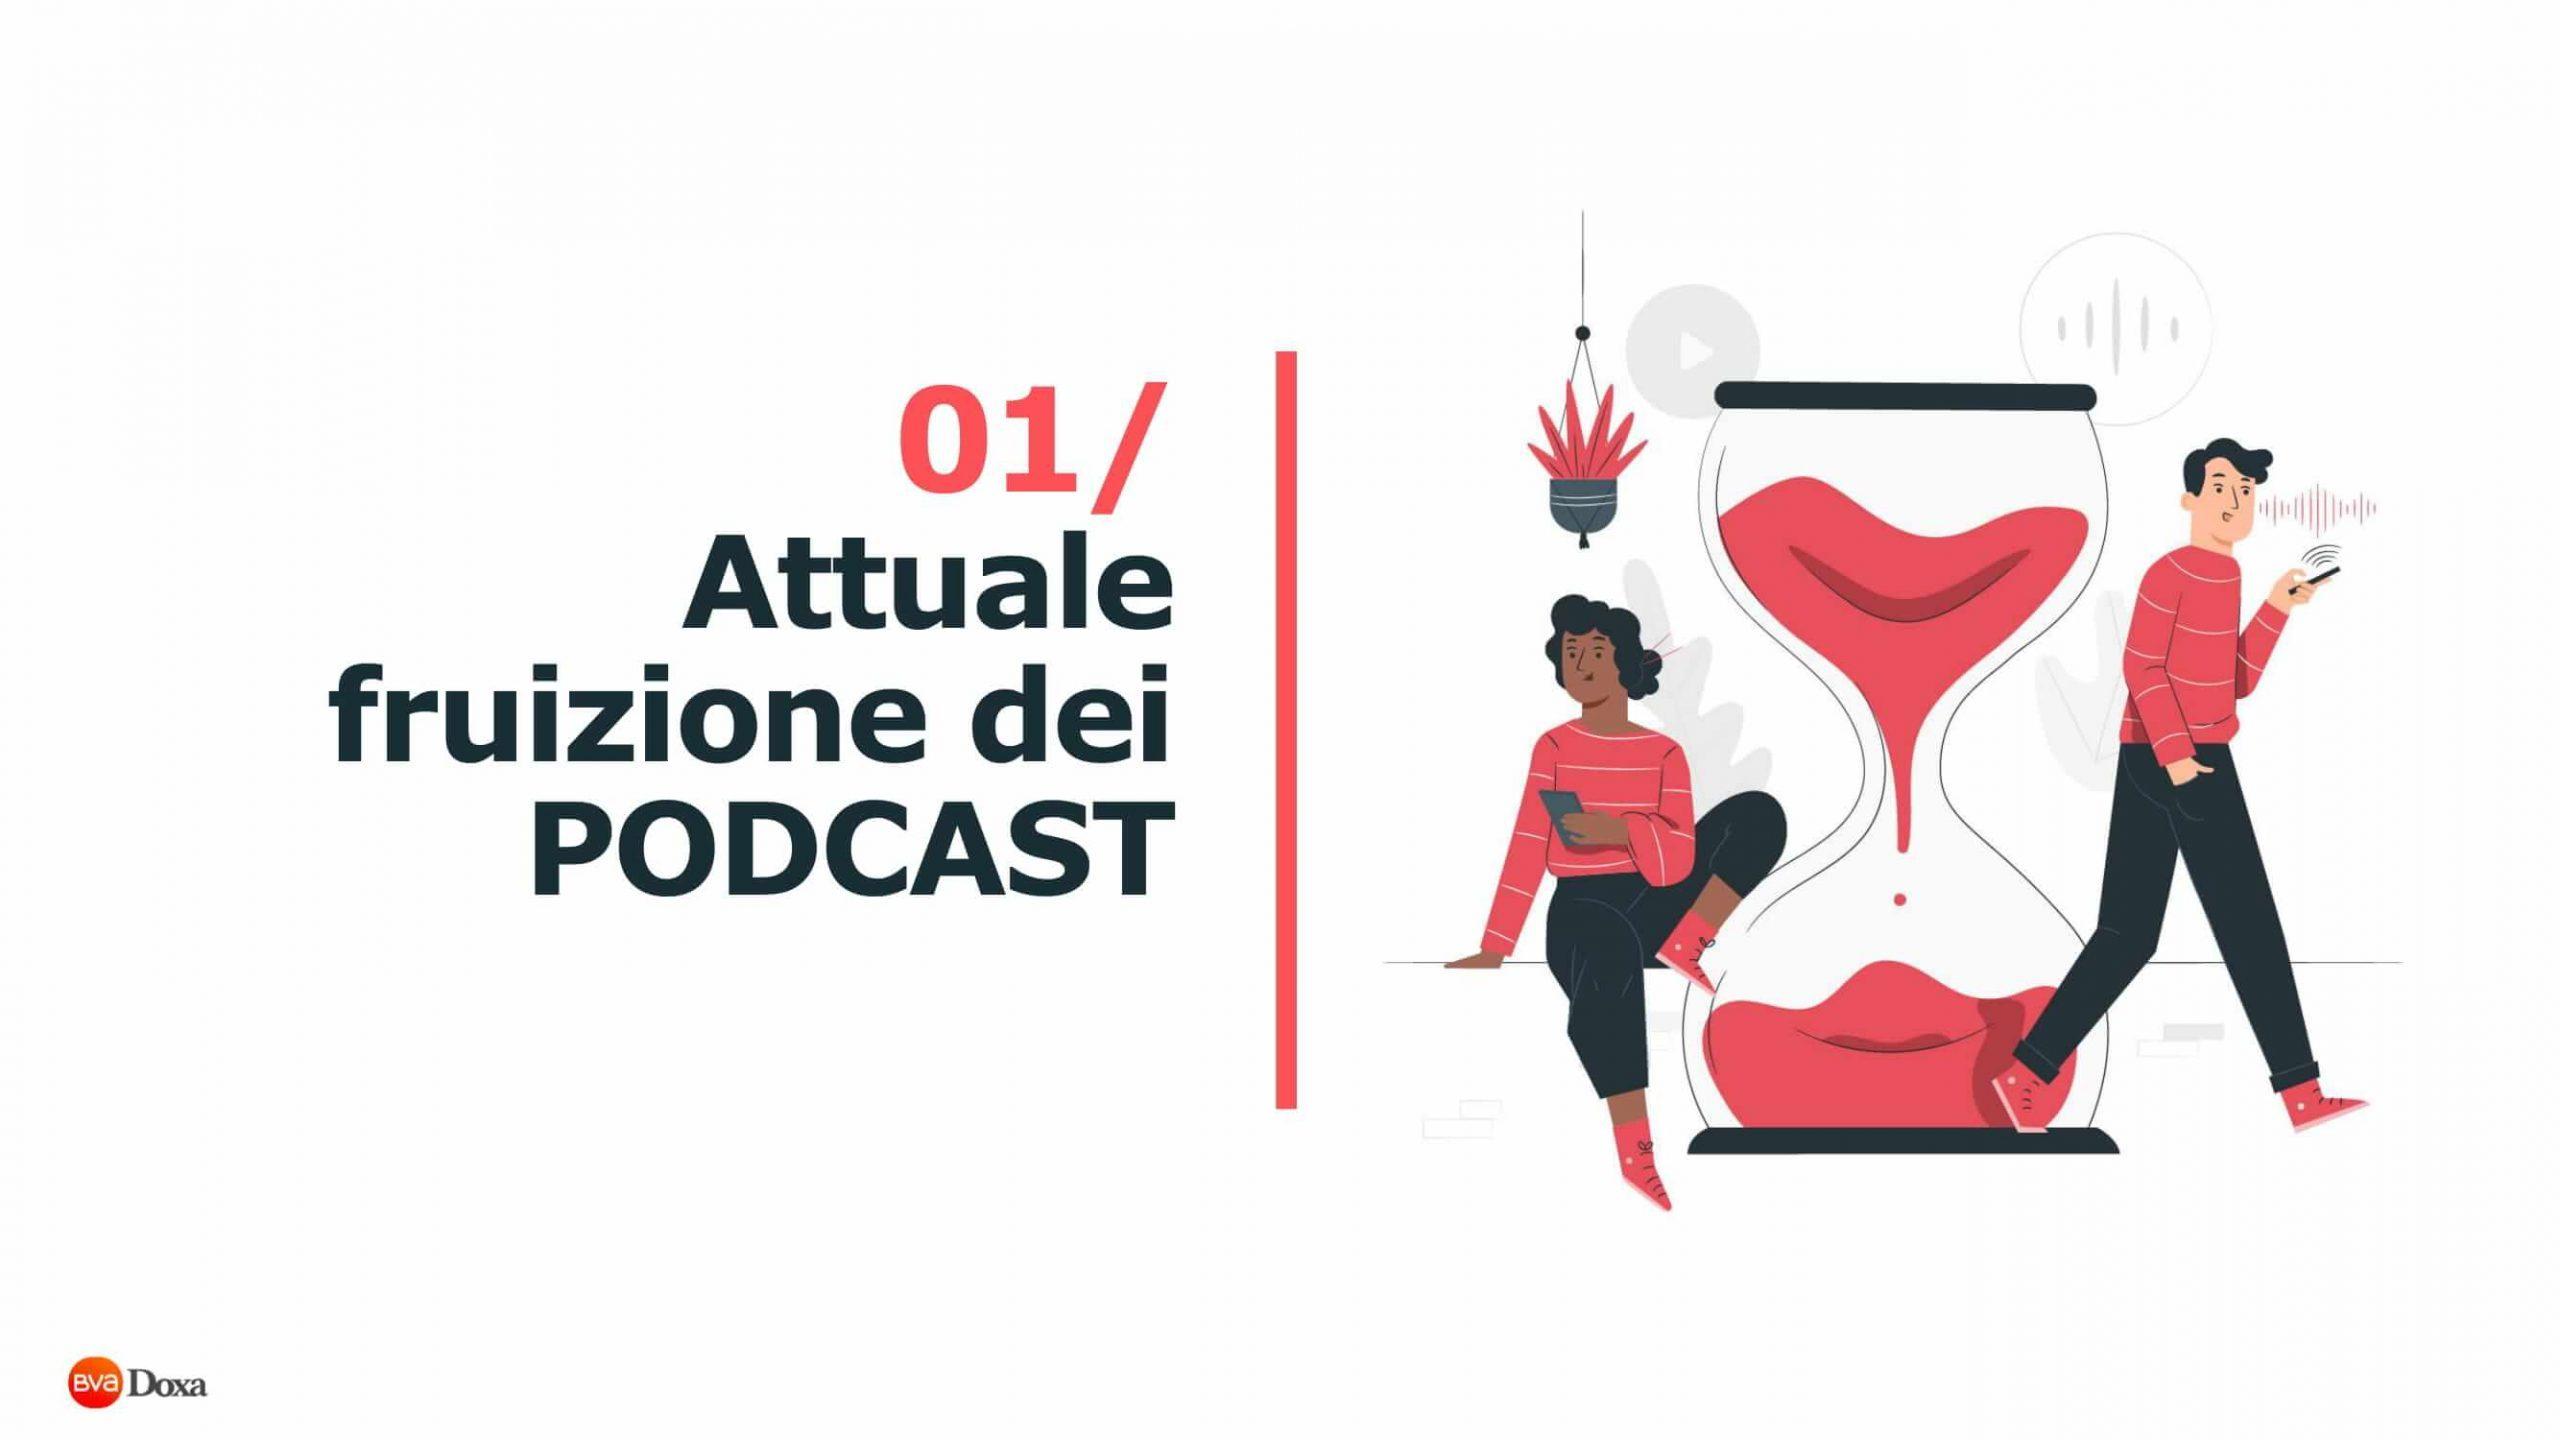 Bva Doxa Il Mondo Podcast 03